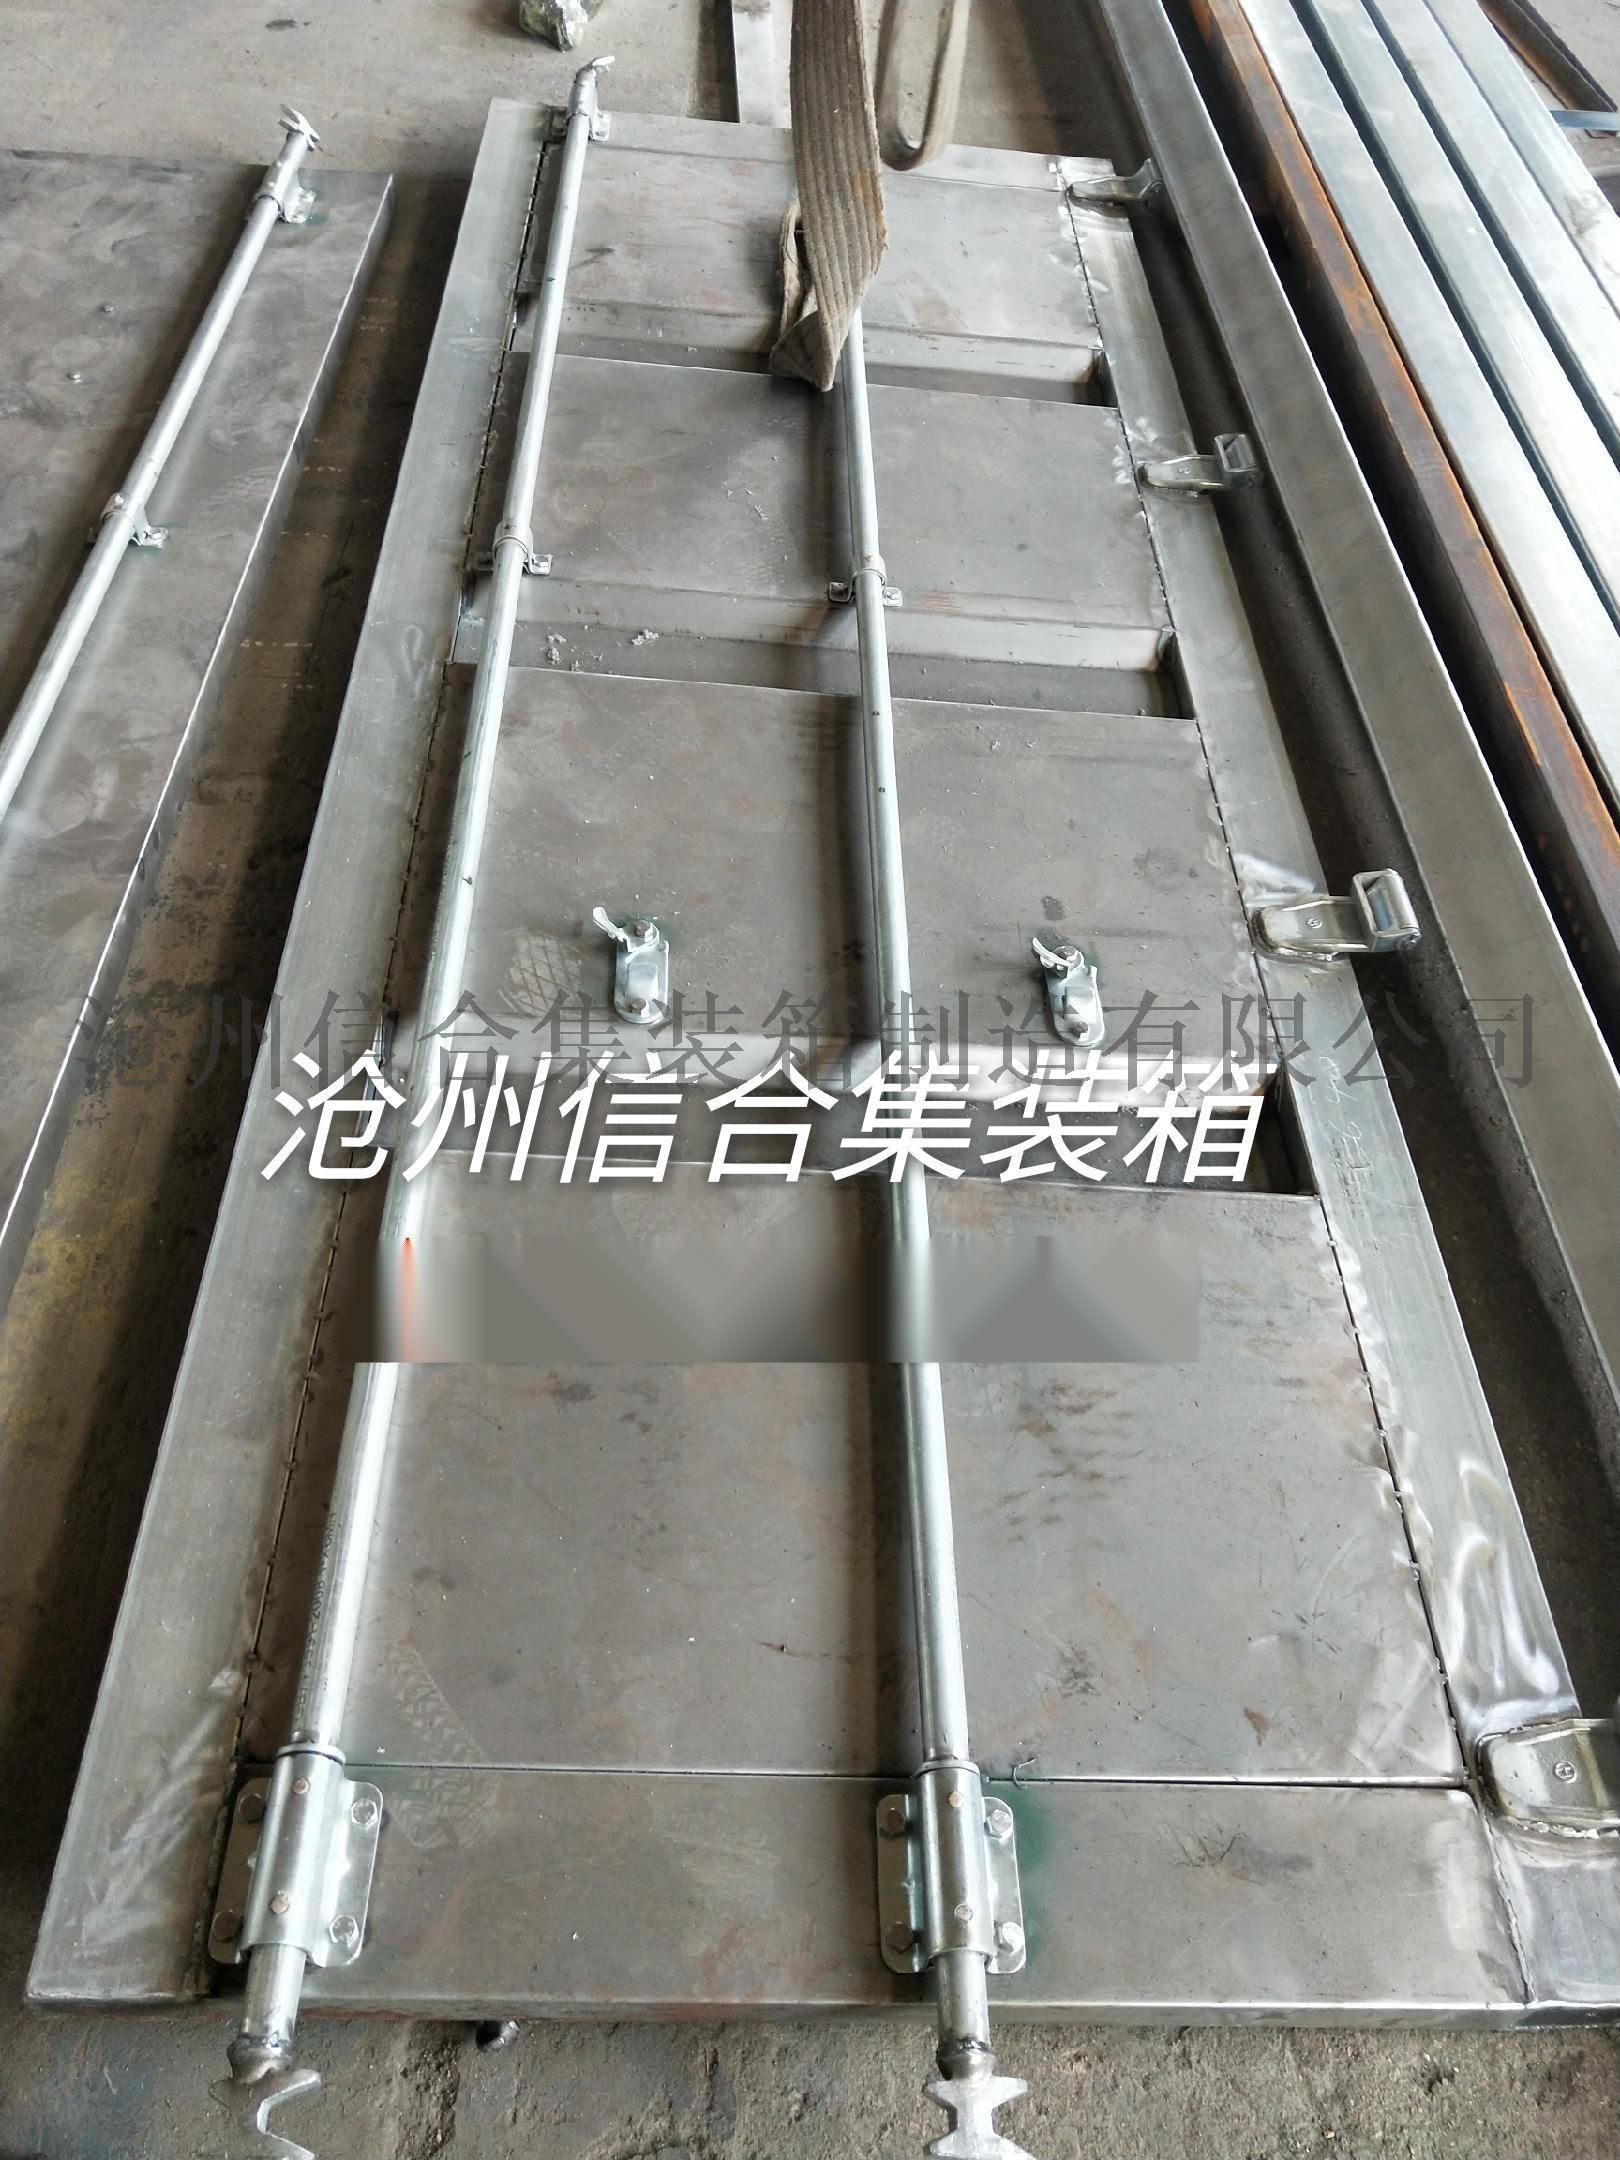 沧州信合集装箱制造有限公司